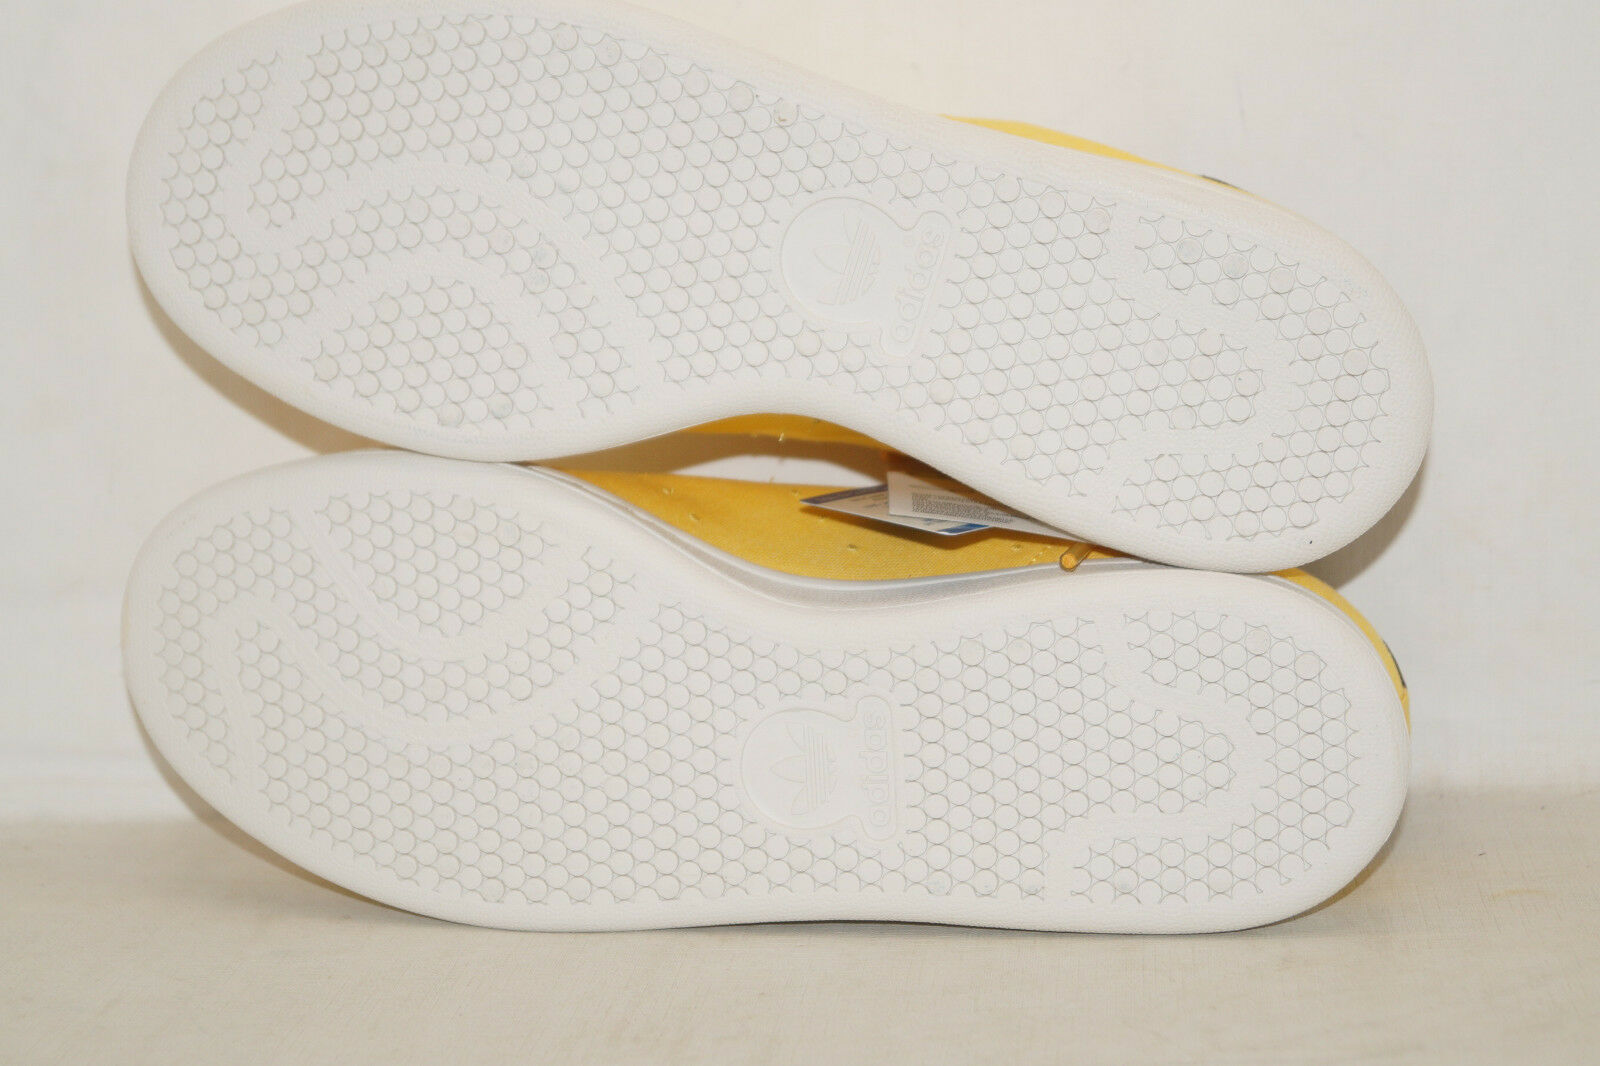 Adidas  UE Stan Smith UE  40 amarillo Amarillo s75112 Gomaespuma 4db2fb